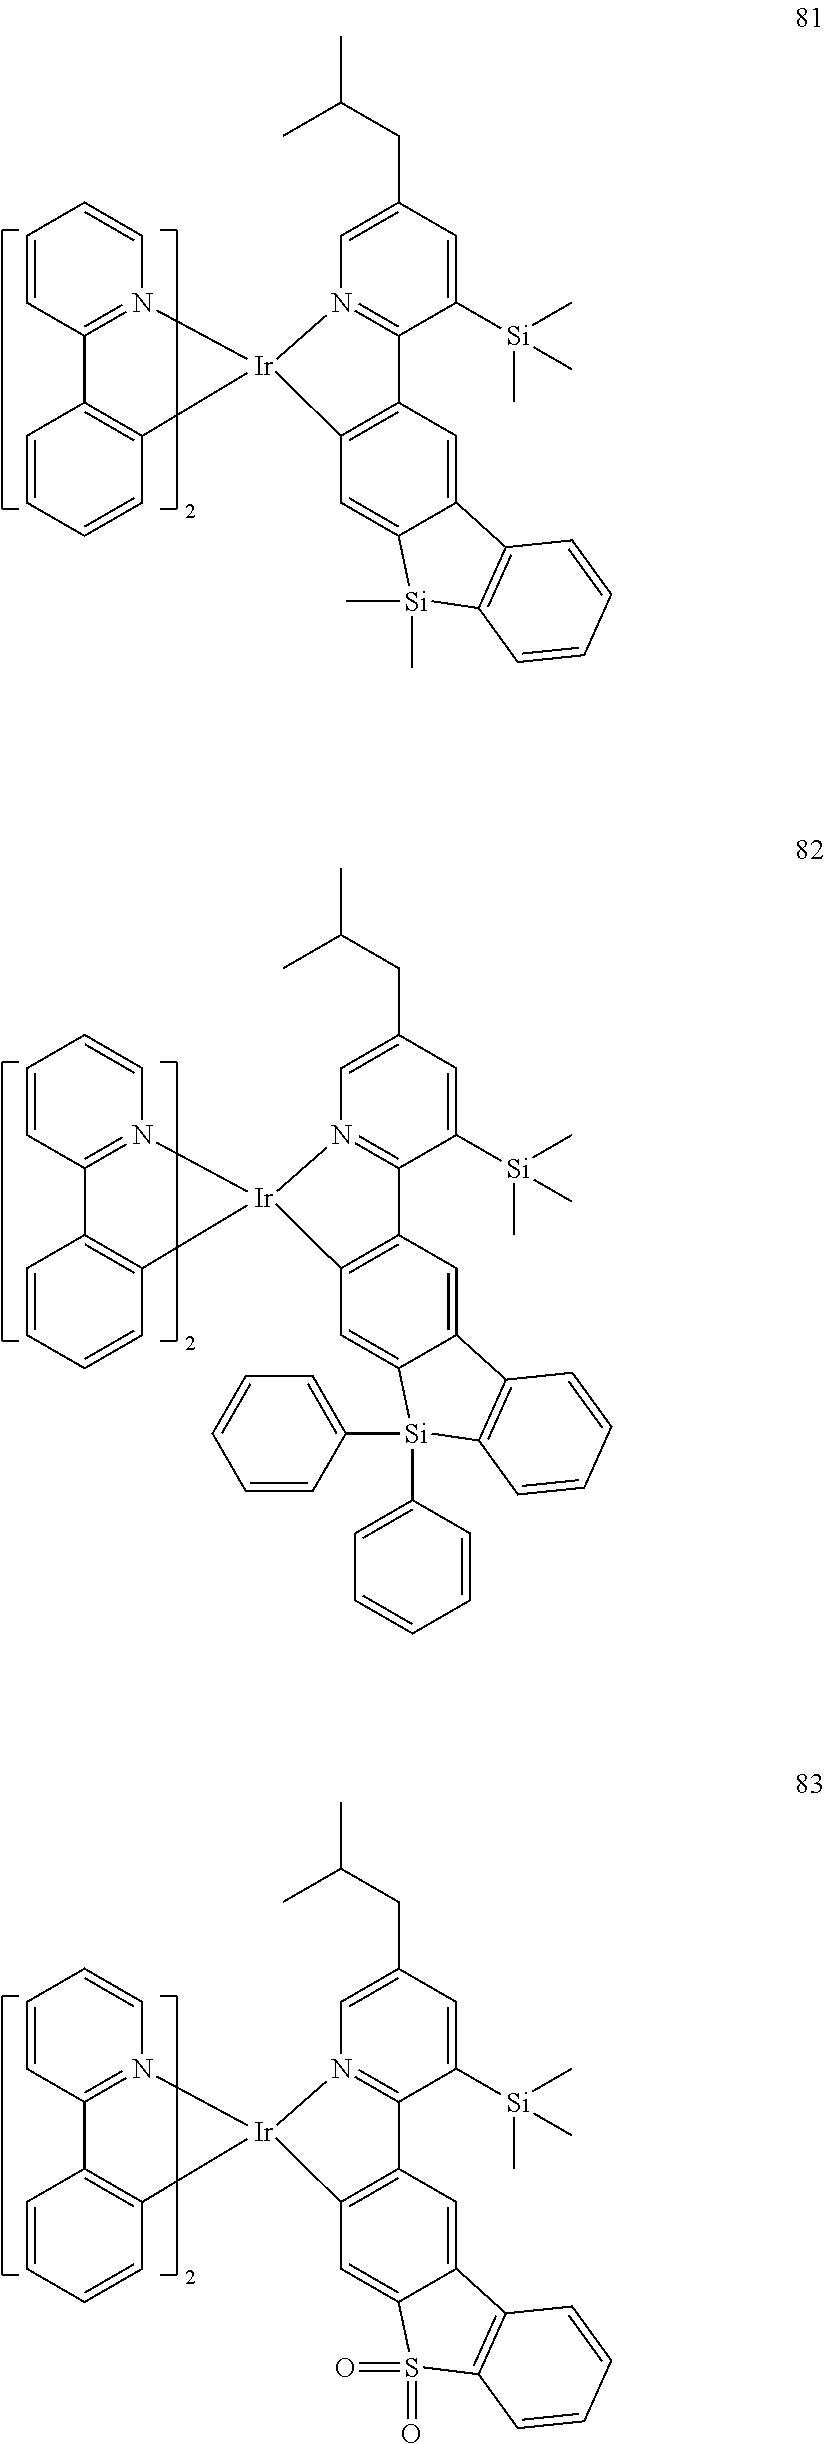 Figure US20160155962A1-20160602-C00082